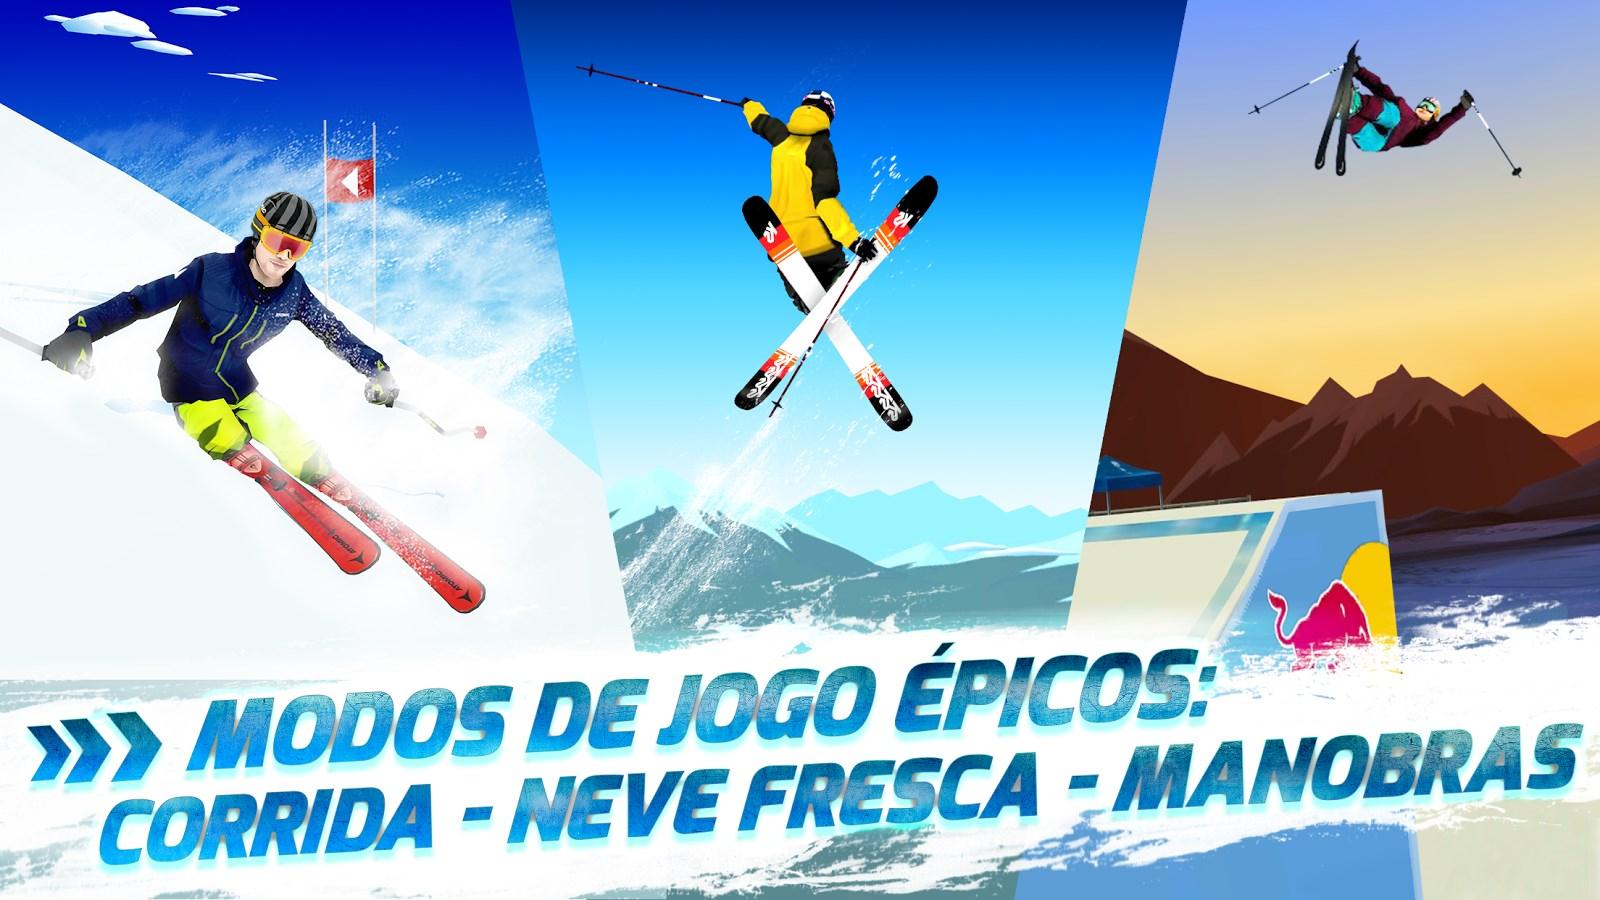 Red Bull Free Skiing - Imagem 1 do software